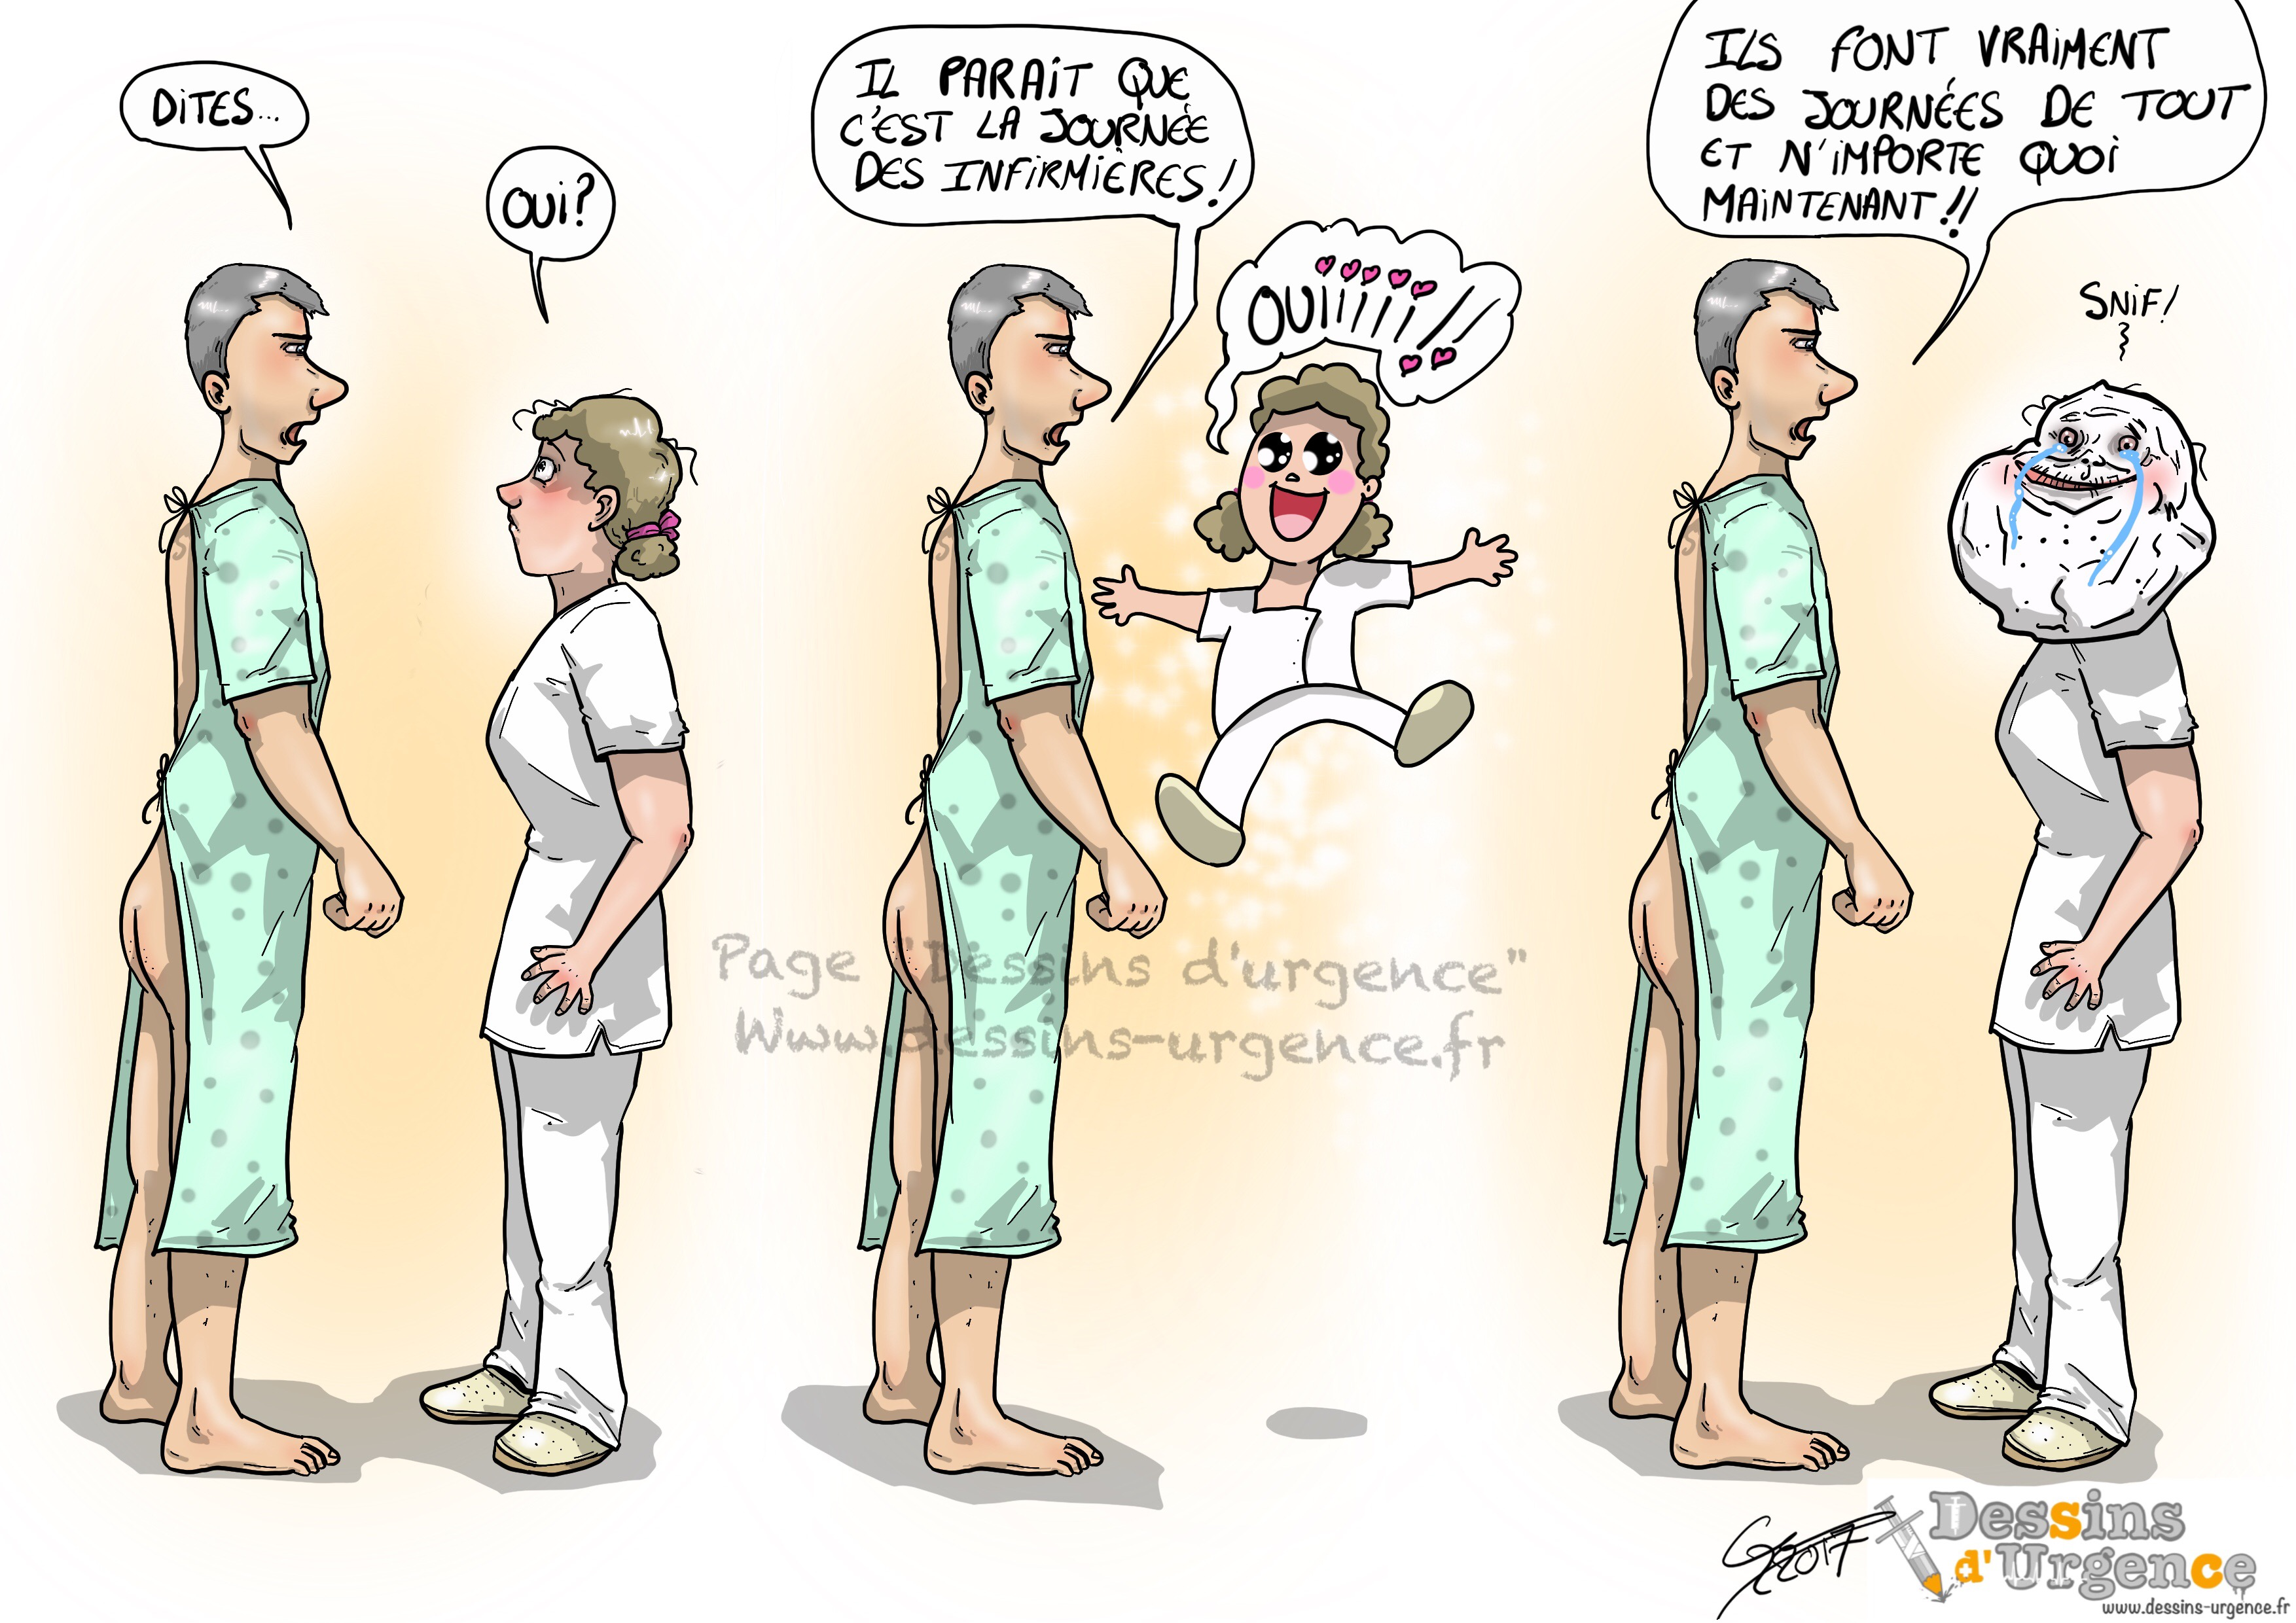 Journée des infirmières